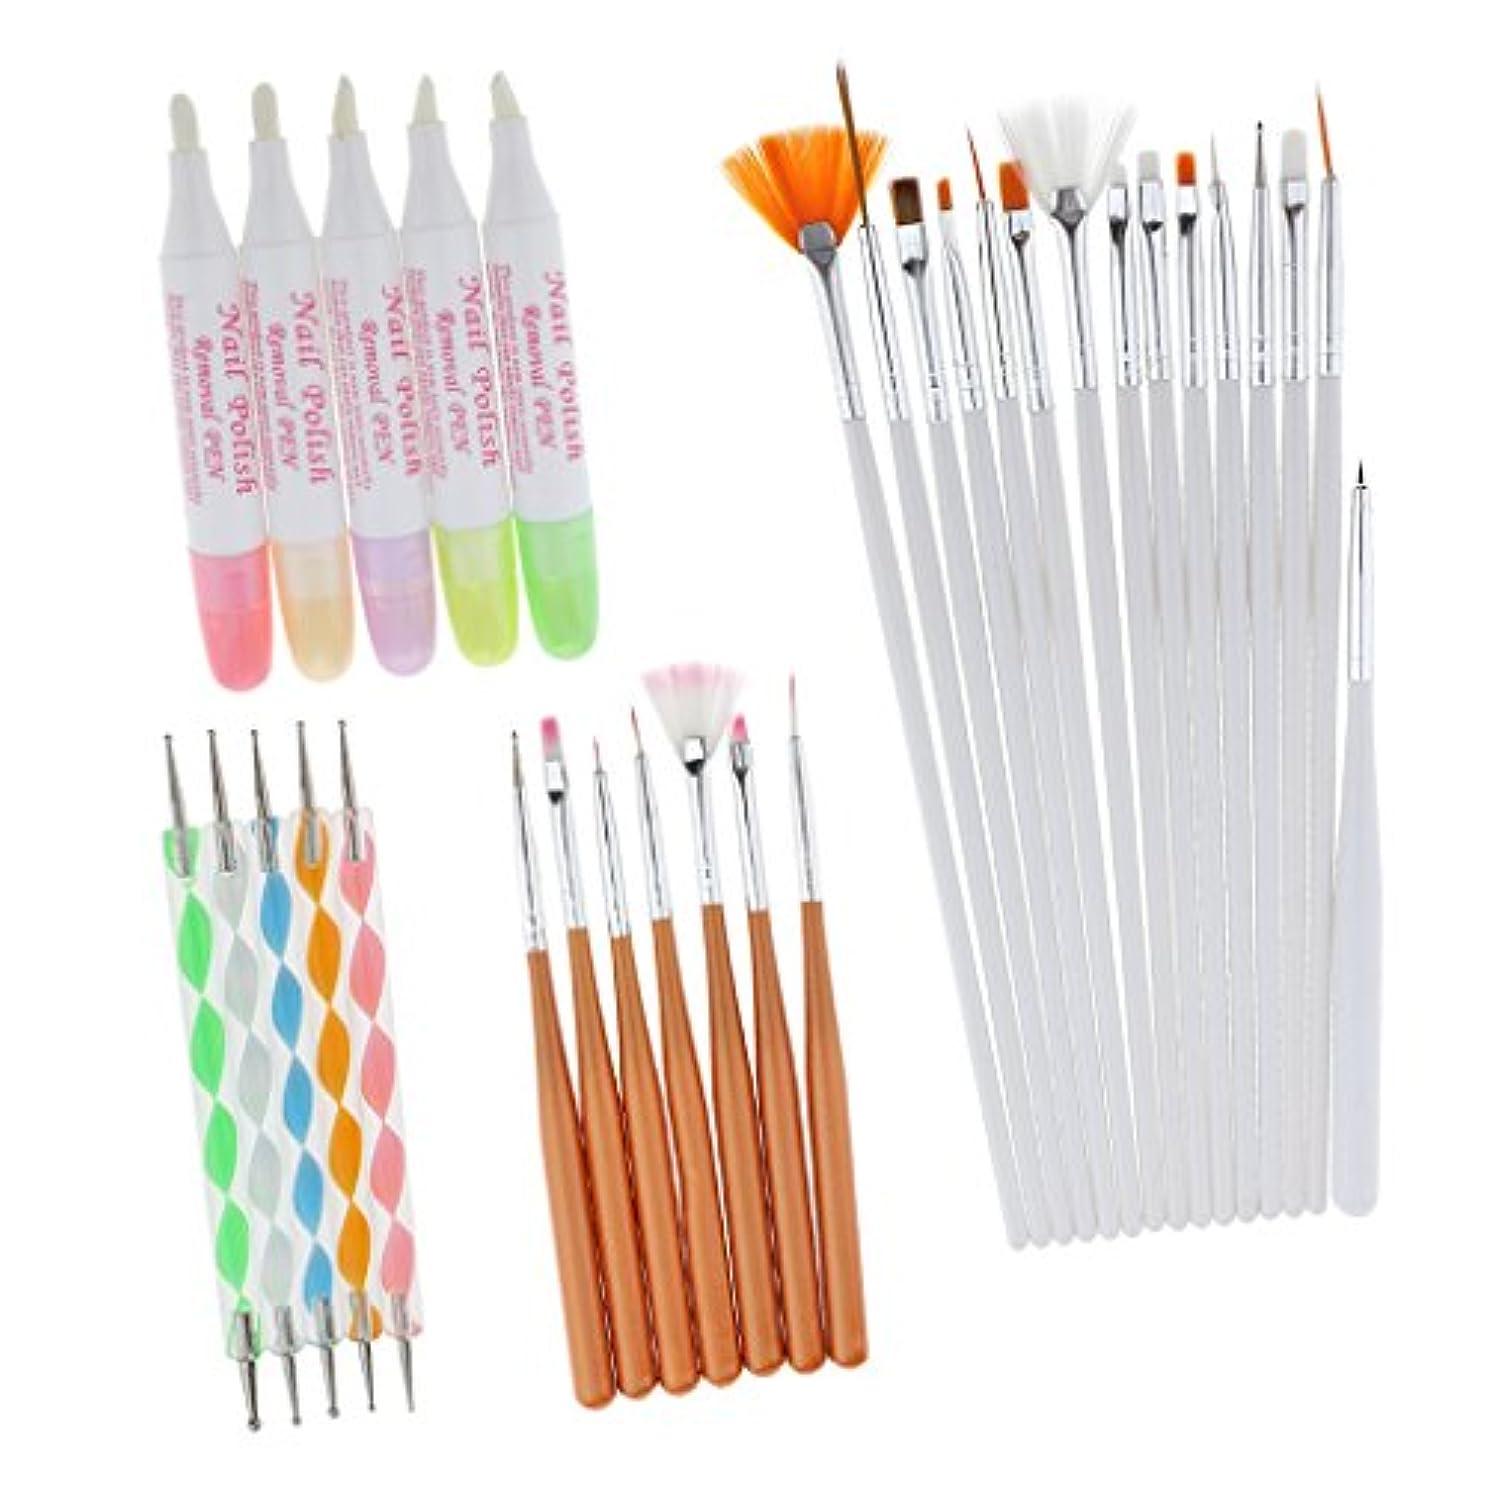 セミナー平方誰でもToygogo 27ピース/個プロフェッショナルネイルアートブラシペンセット絵画描画点描ストライピングライナーペンキット+ 5ピース/個ネイルポリッシュコレクターペン